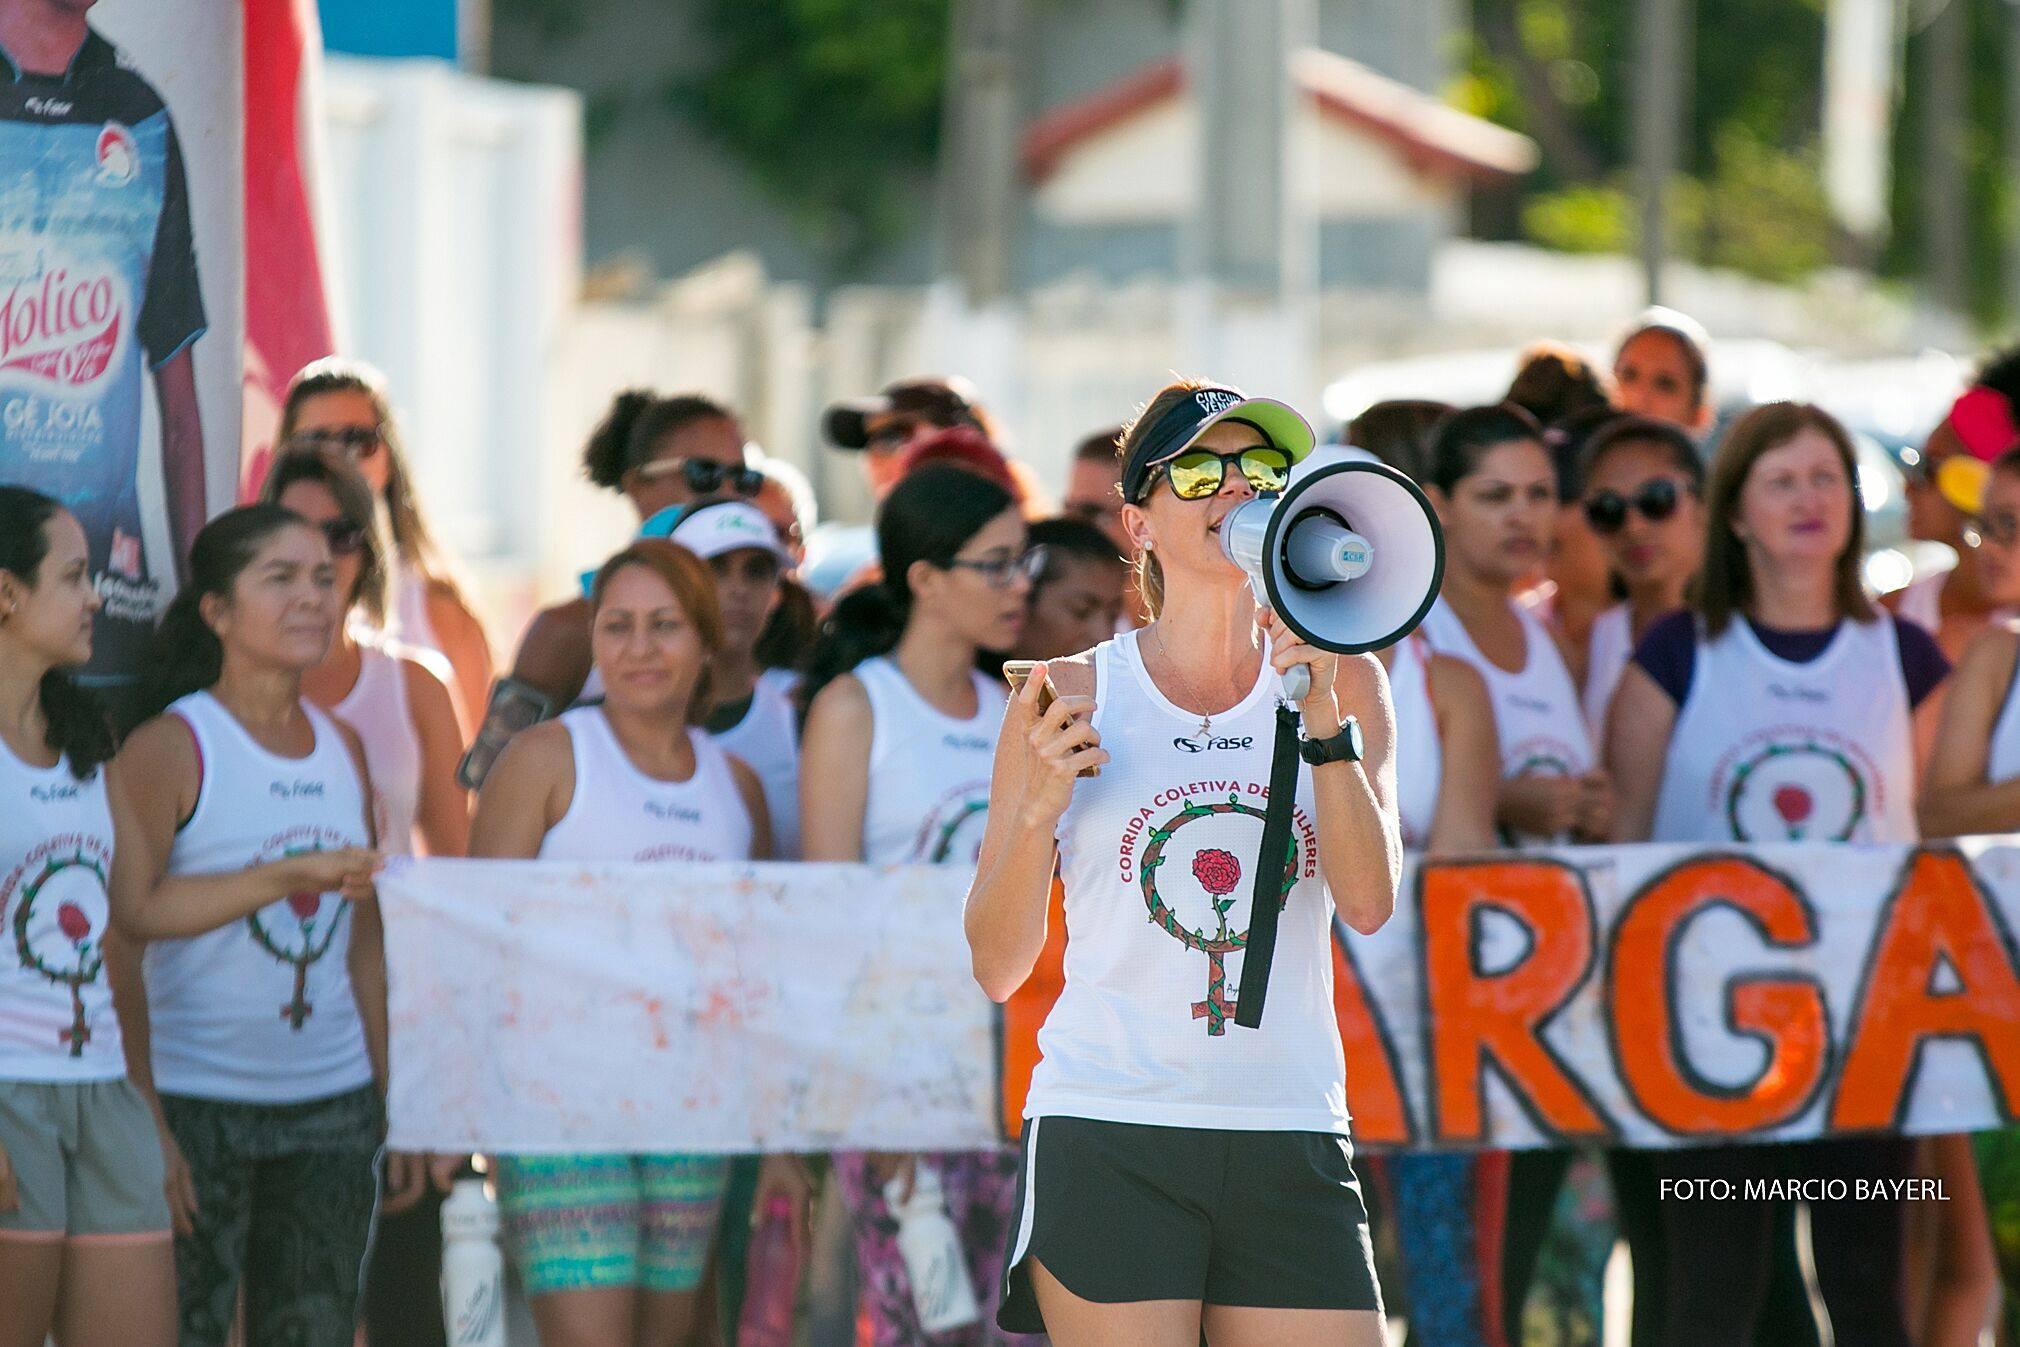 Corrida Coletiva de Mulheres Teixeira de Freitas fotografia Marcio Bayerl 2